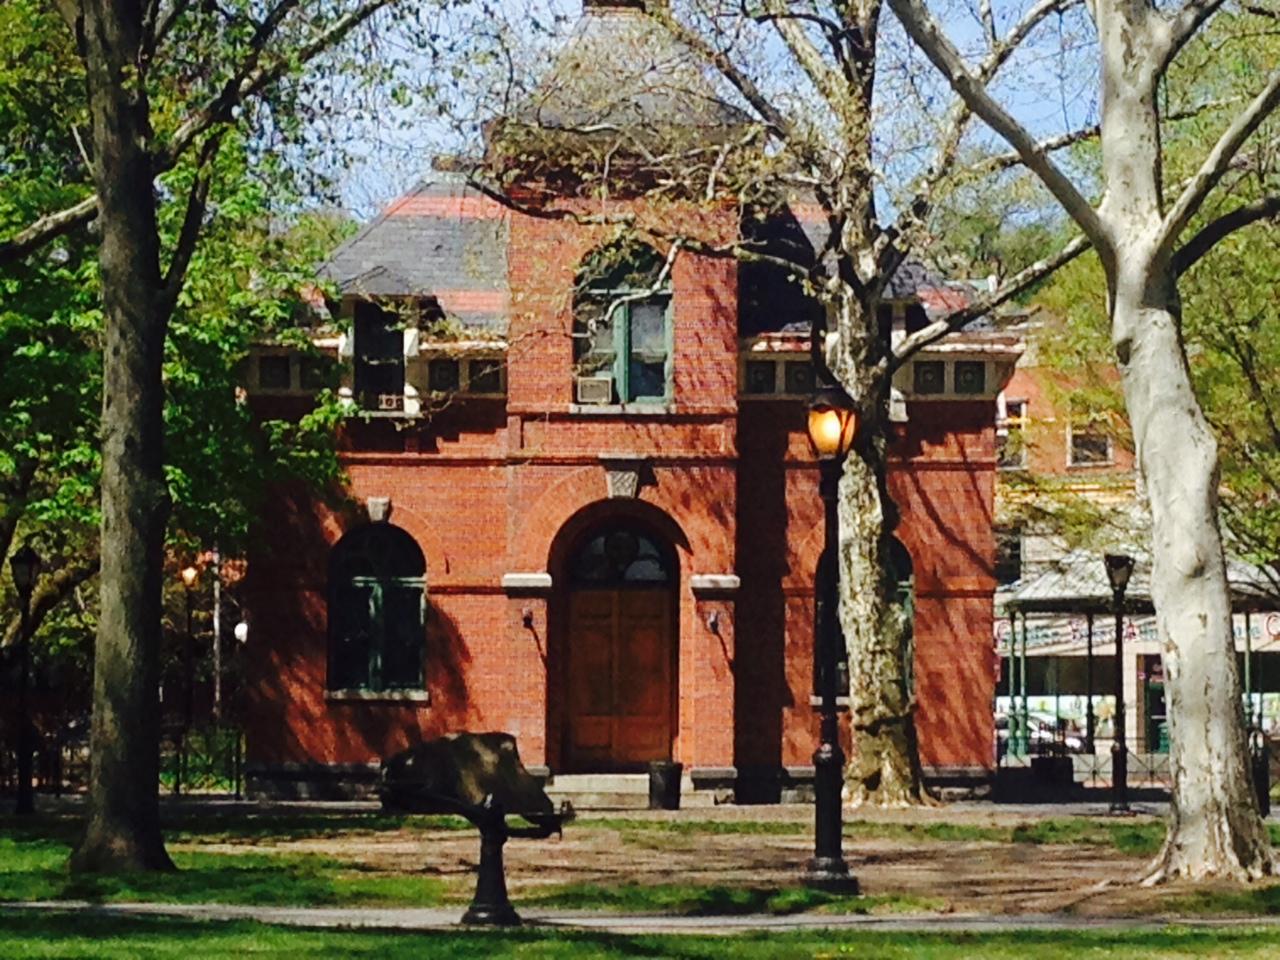 Historic Tappen Park, Stapleton New York